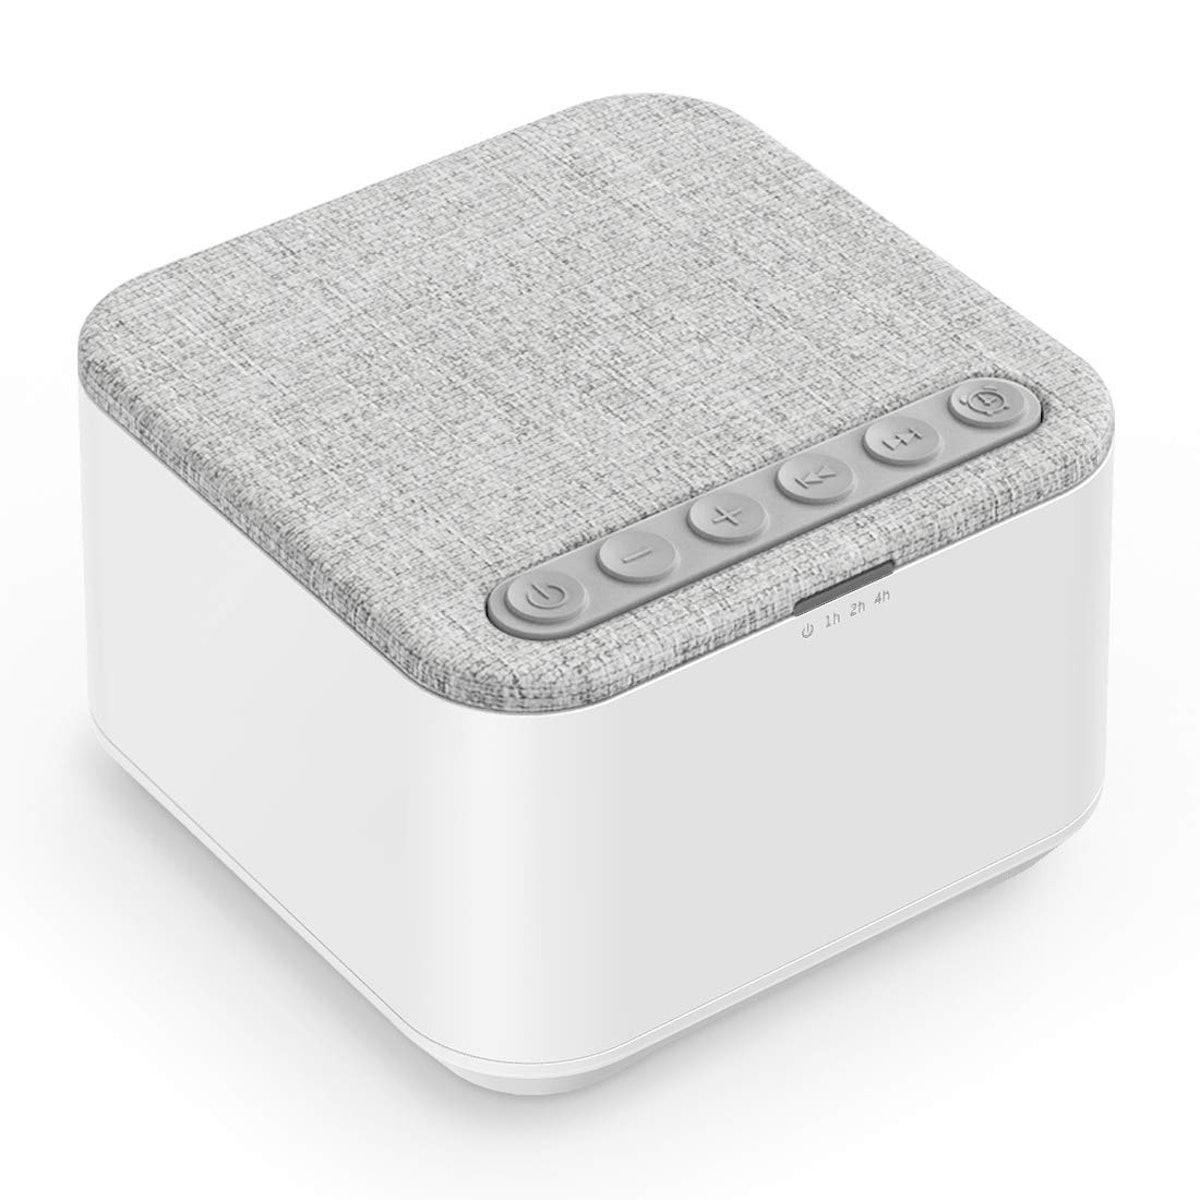 X-Sense Sleep Sound Machine